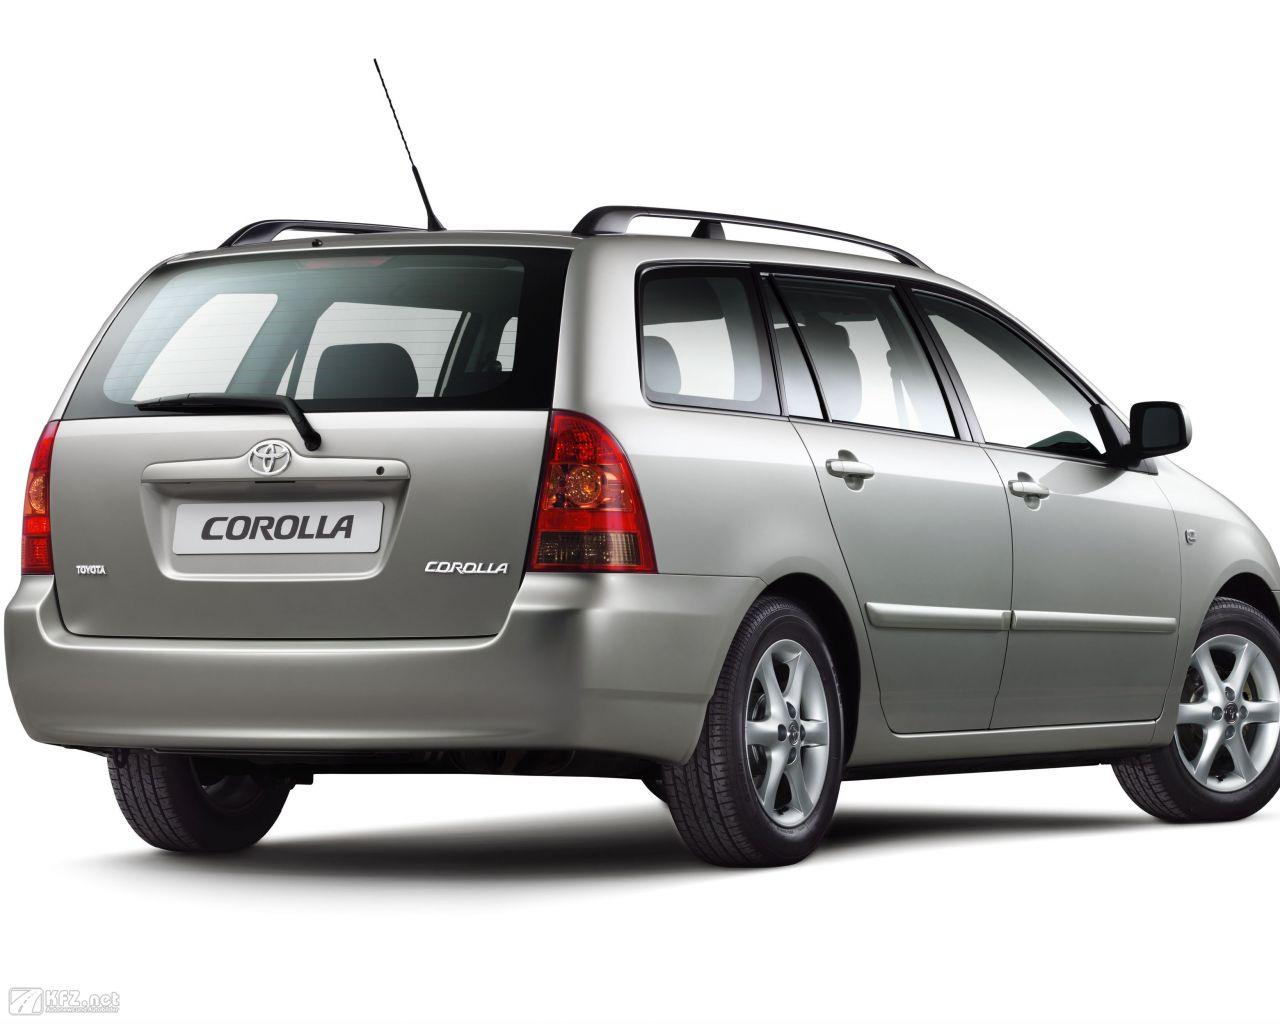 toyota-corolla-1280x1024-7